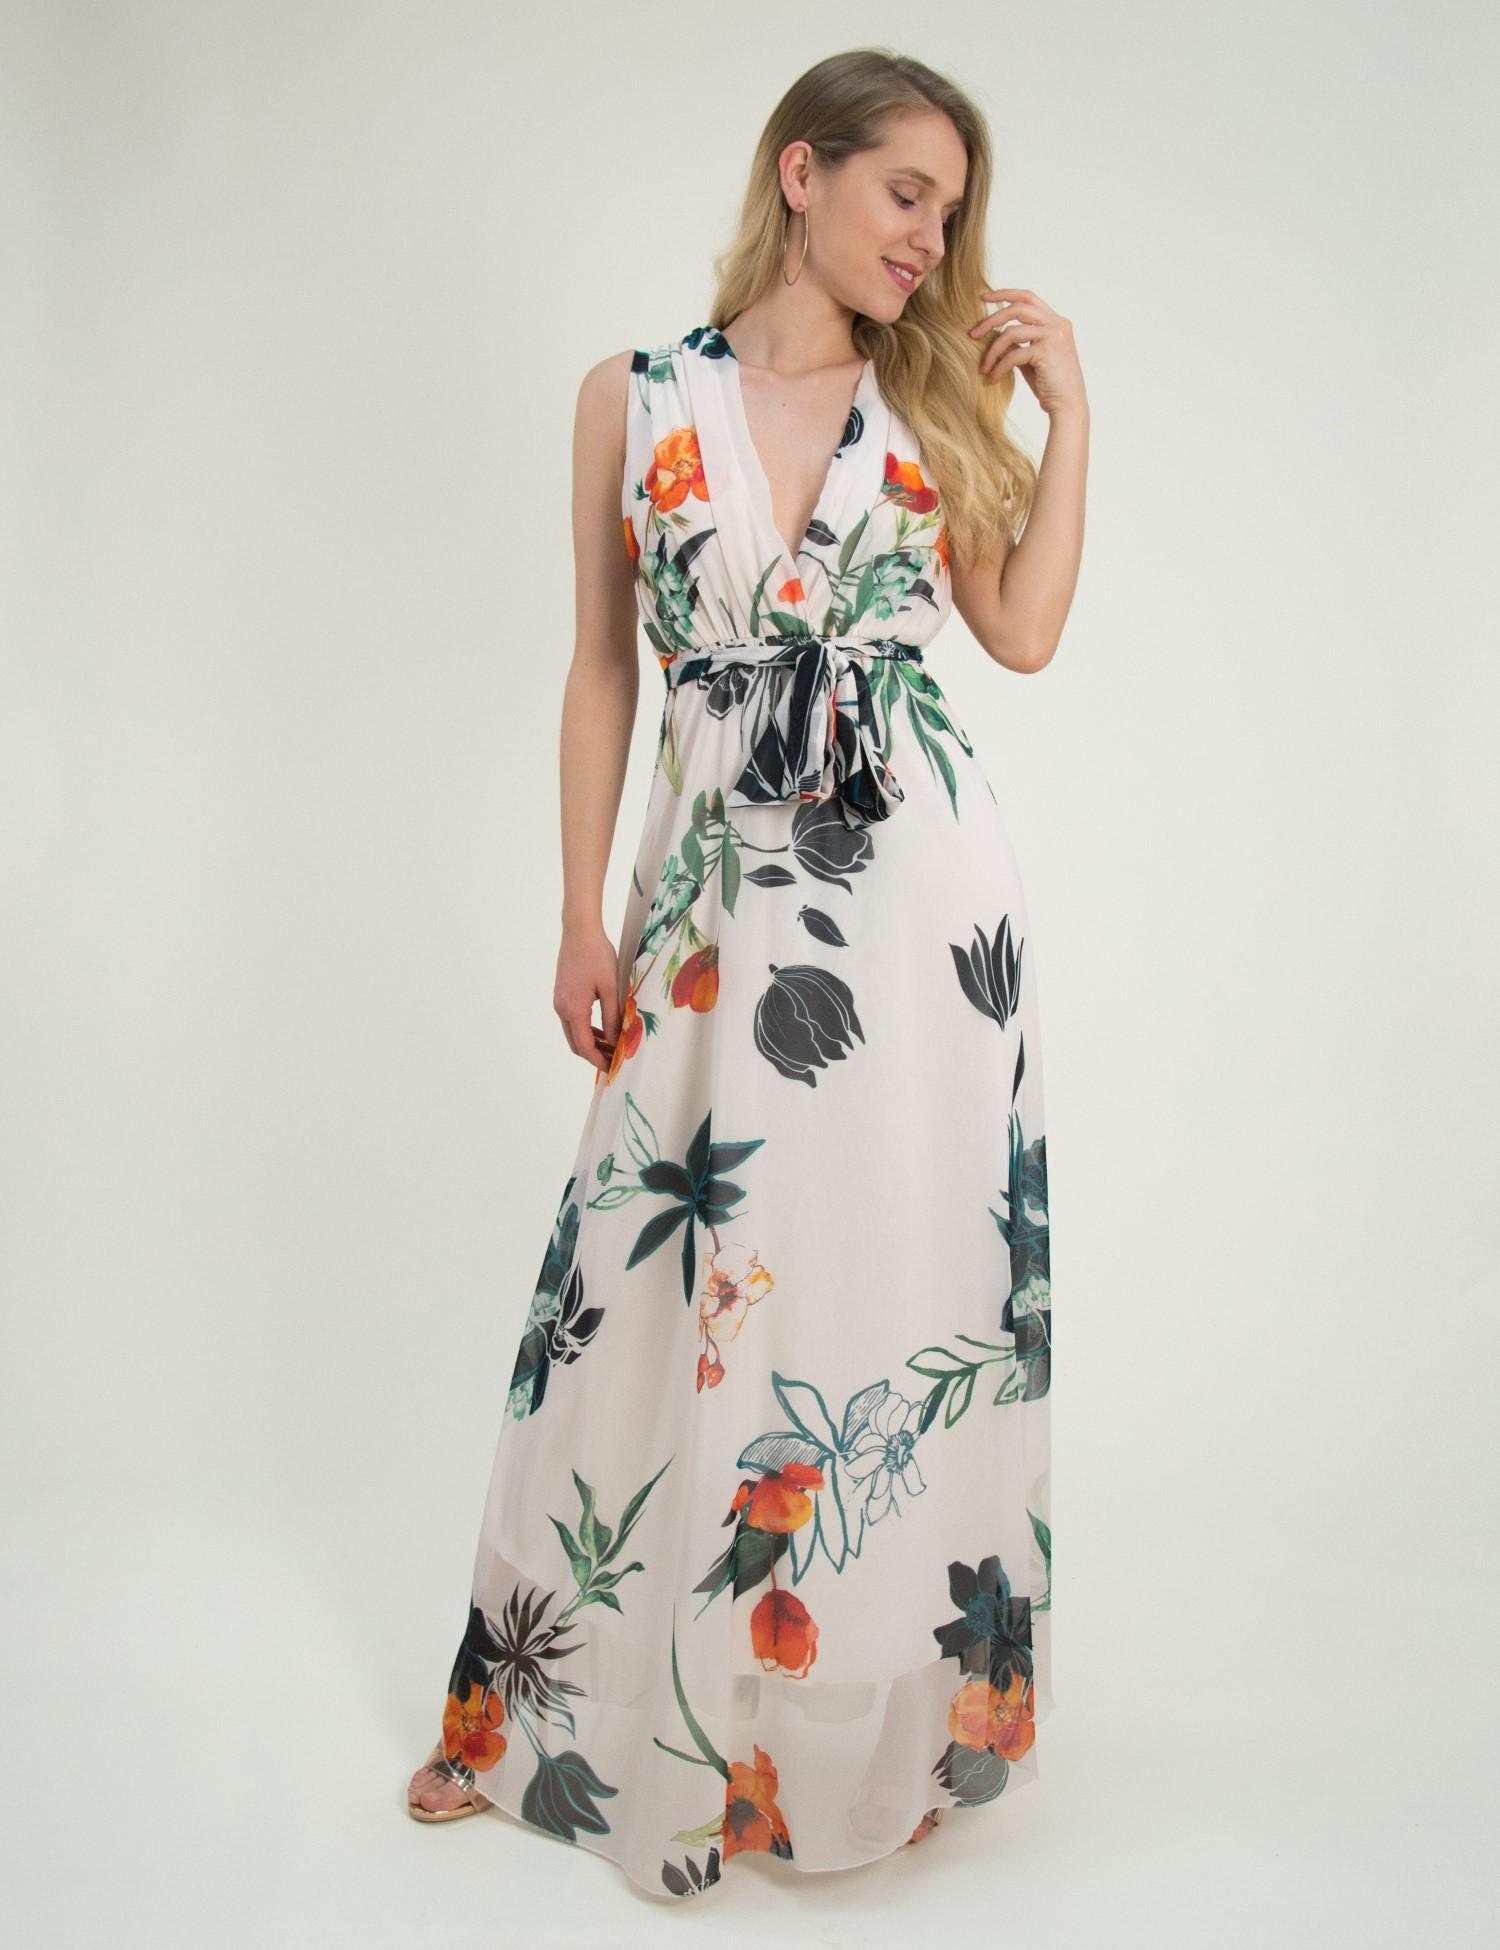 Γυναικείο μάξι φόρεμα εμπριμέ μπεζ άνοιγμα στήθος πλατη 8214318Q a4d02f554cf